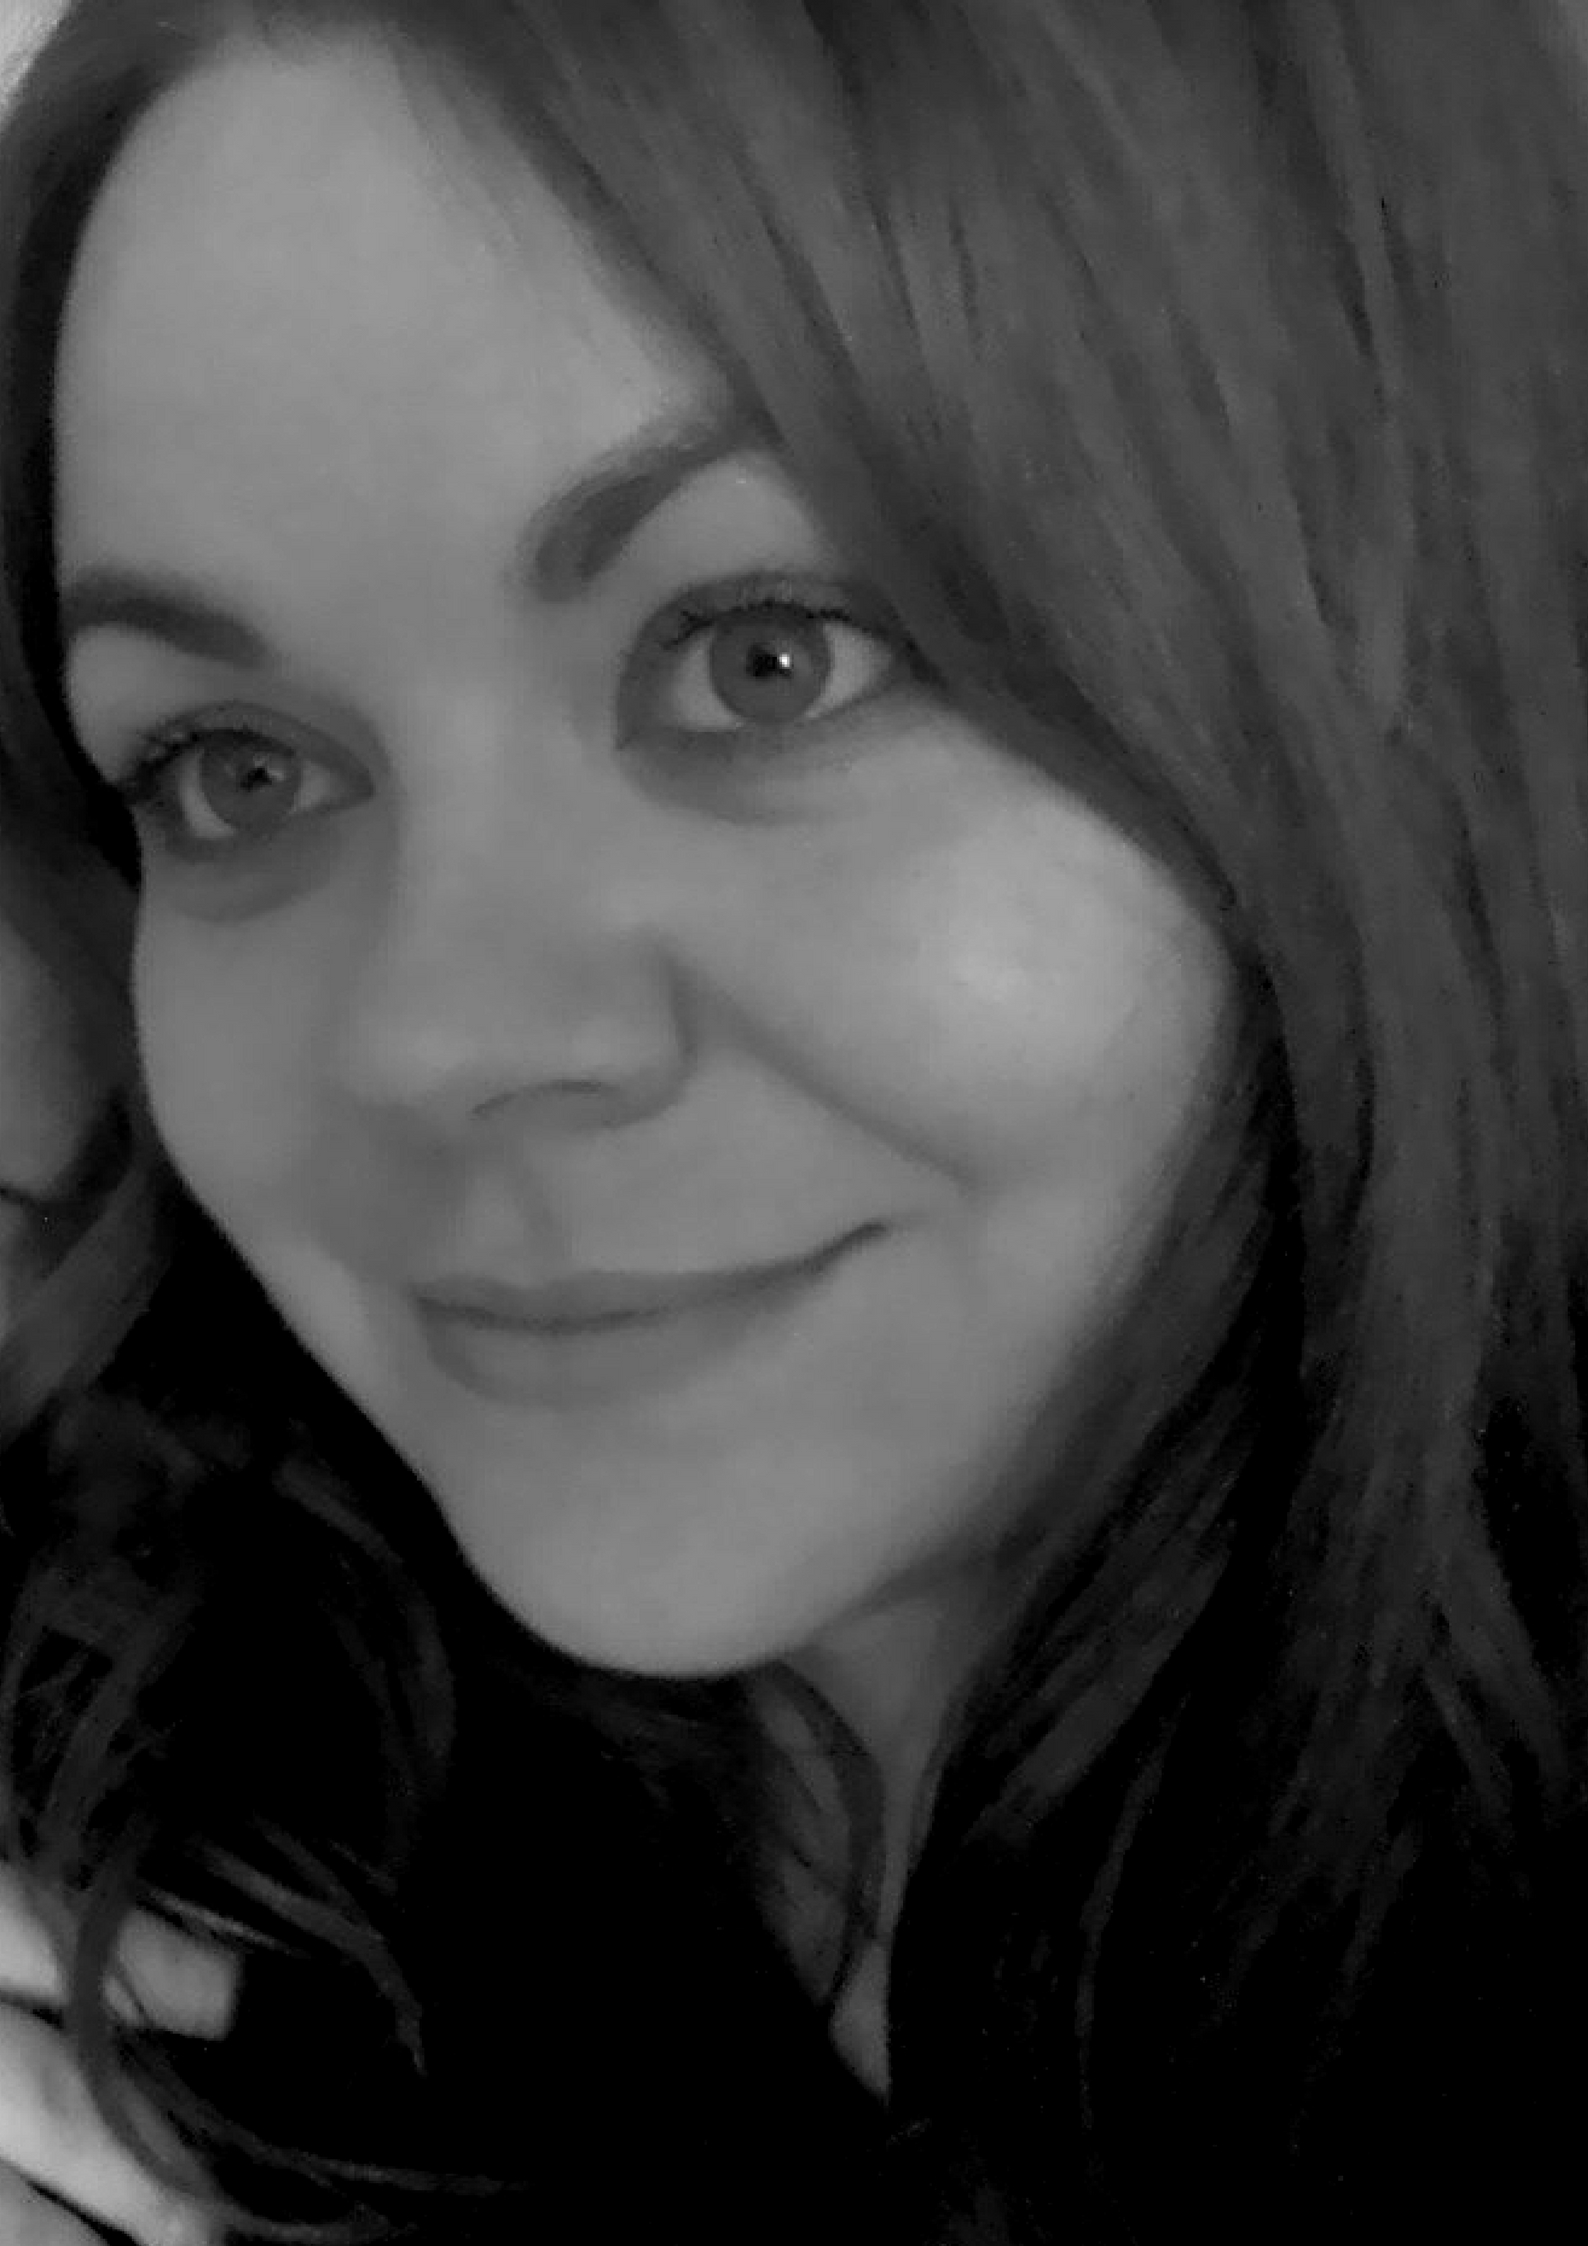 Анна Г., 31 год